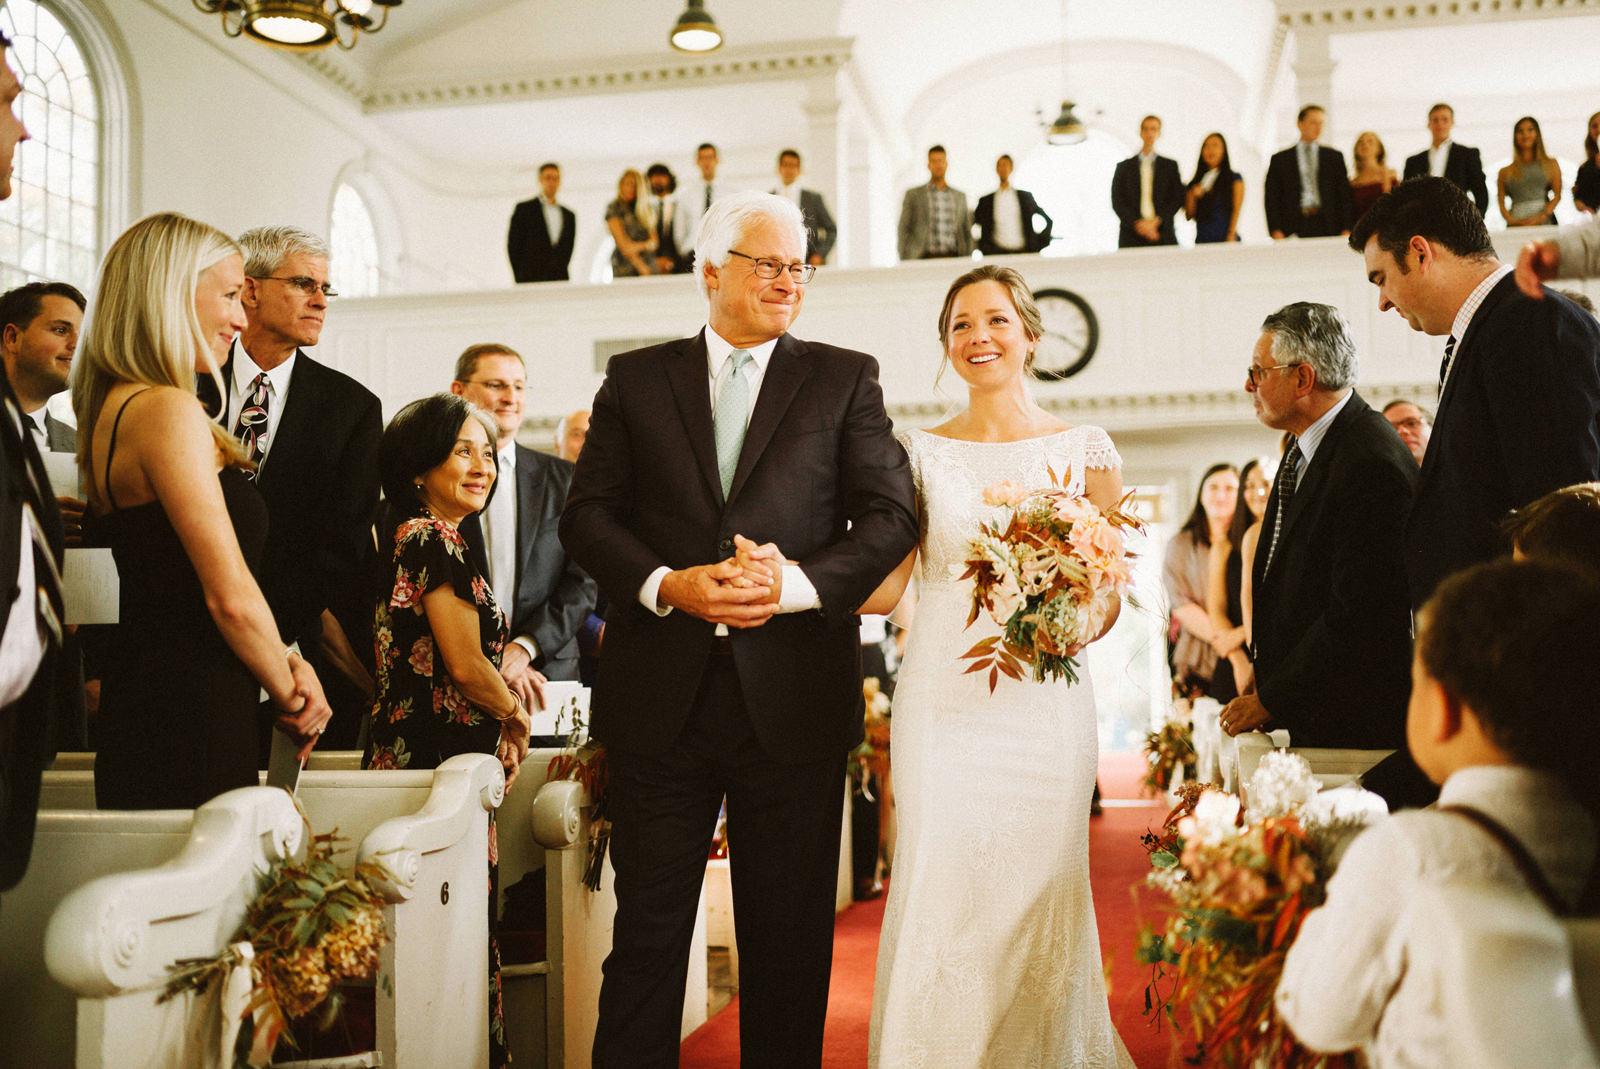 bridgeport-wedding-049 BACKUP + ARCHIVE WORKFLOW